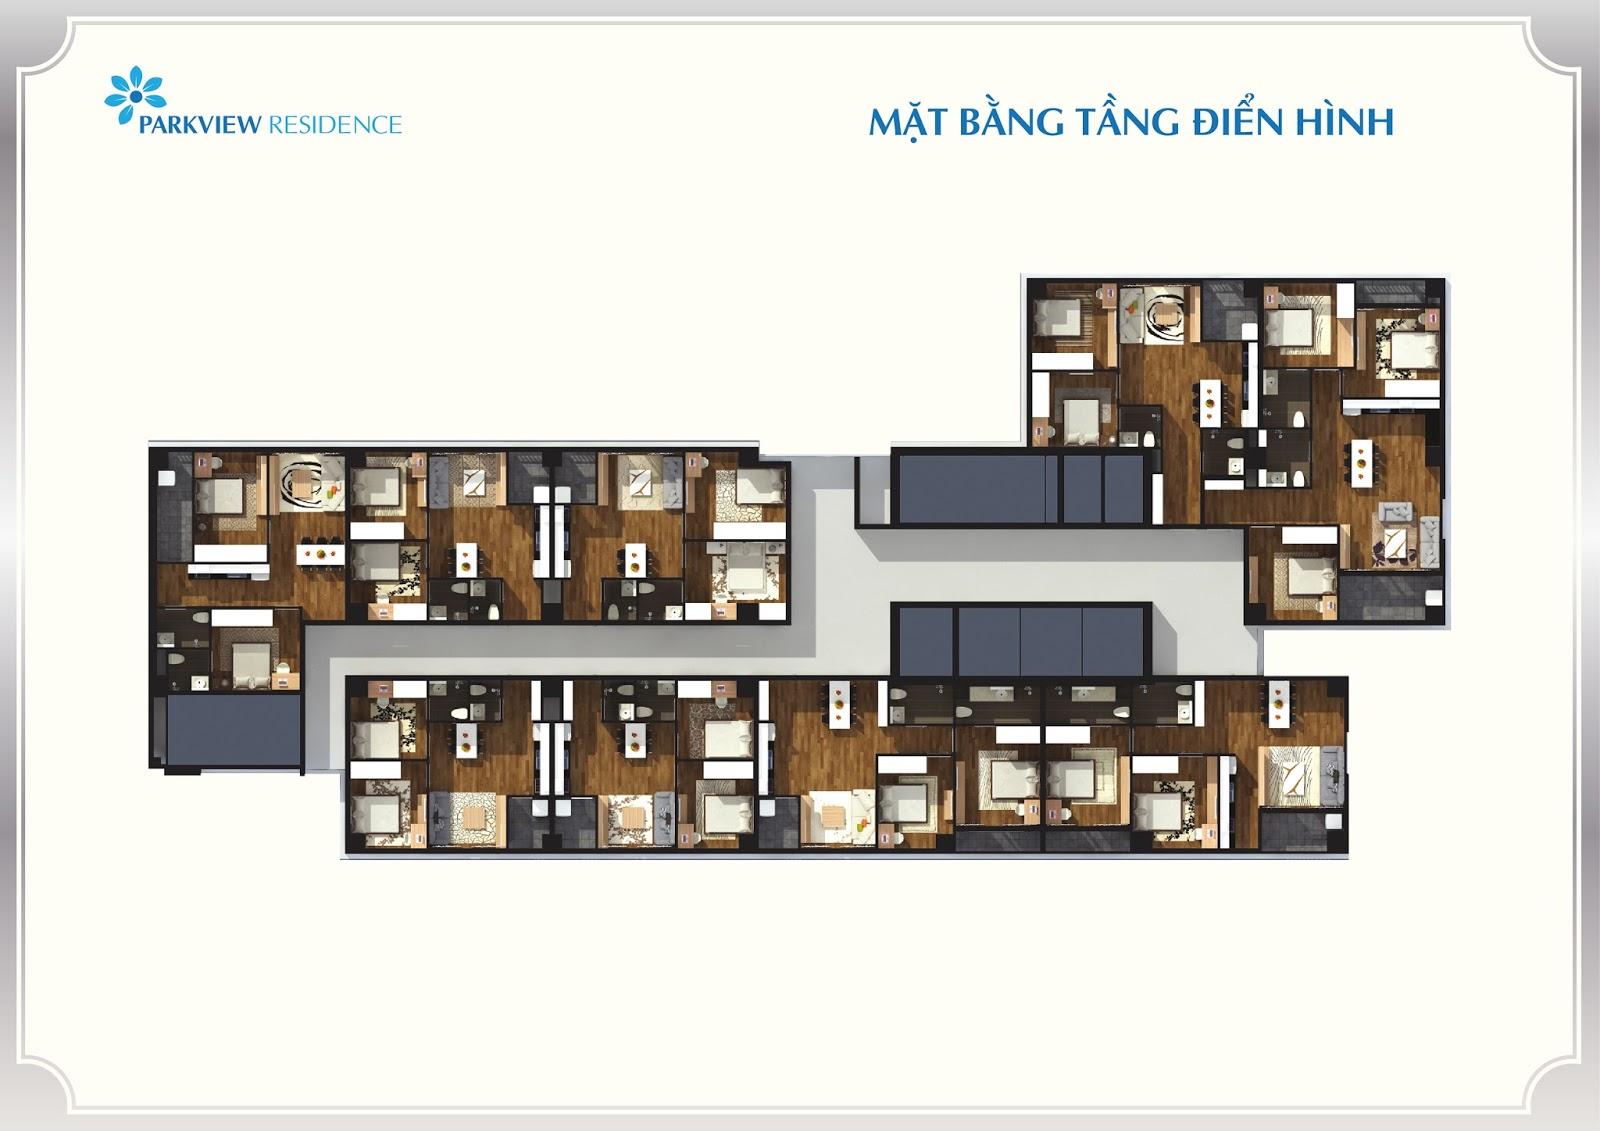 Thiết kế căn hộ đa dạng